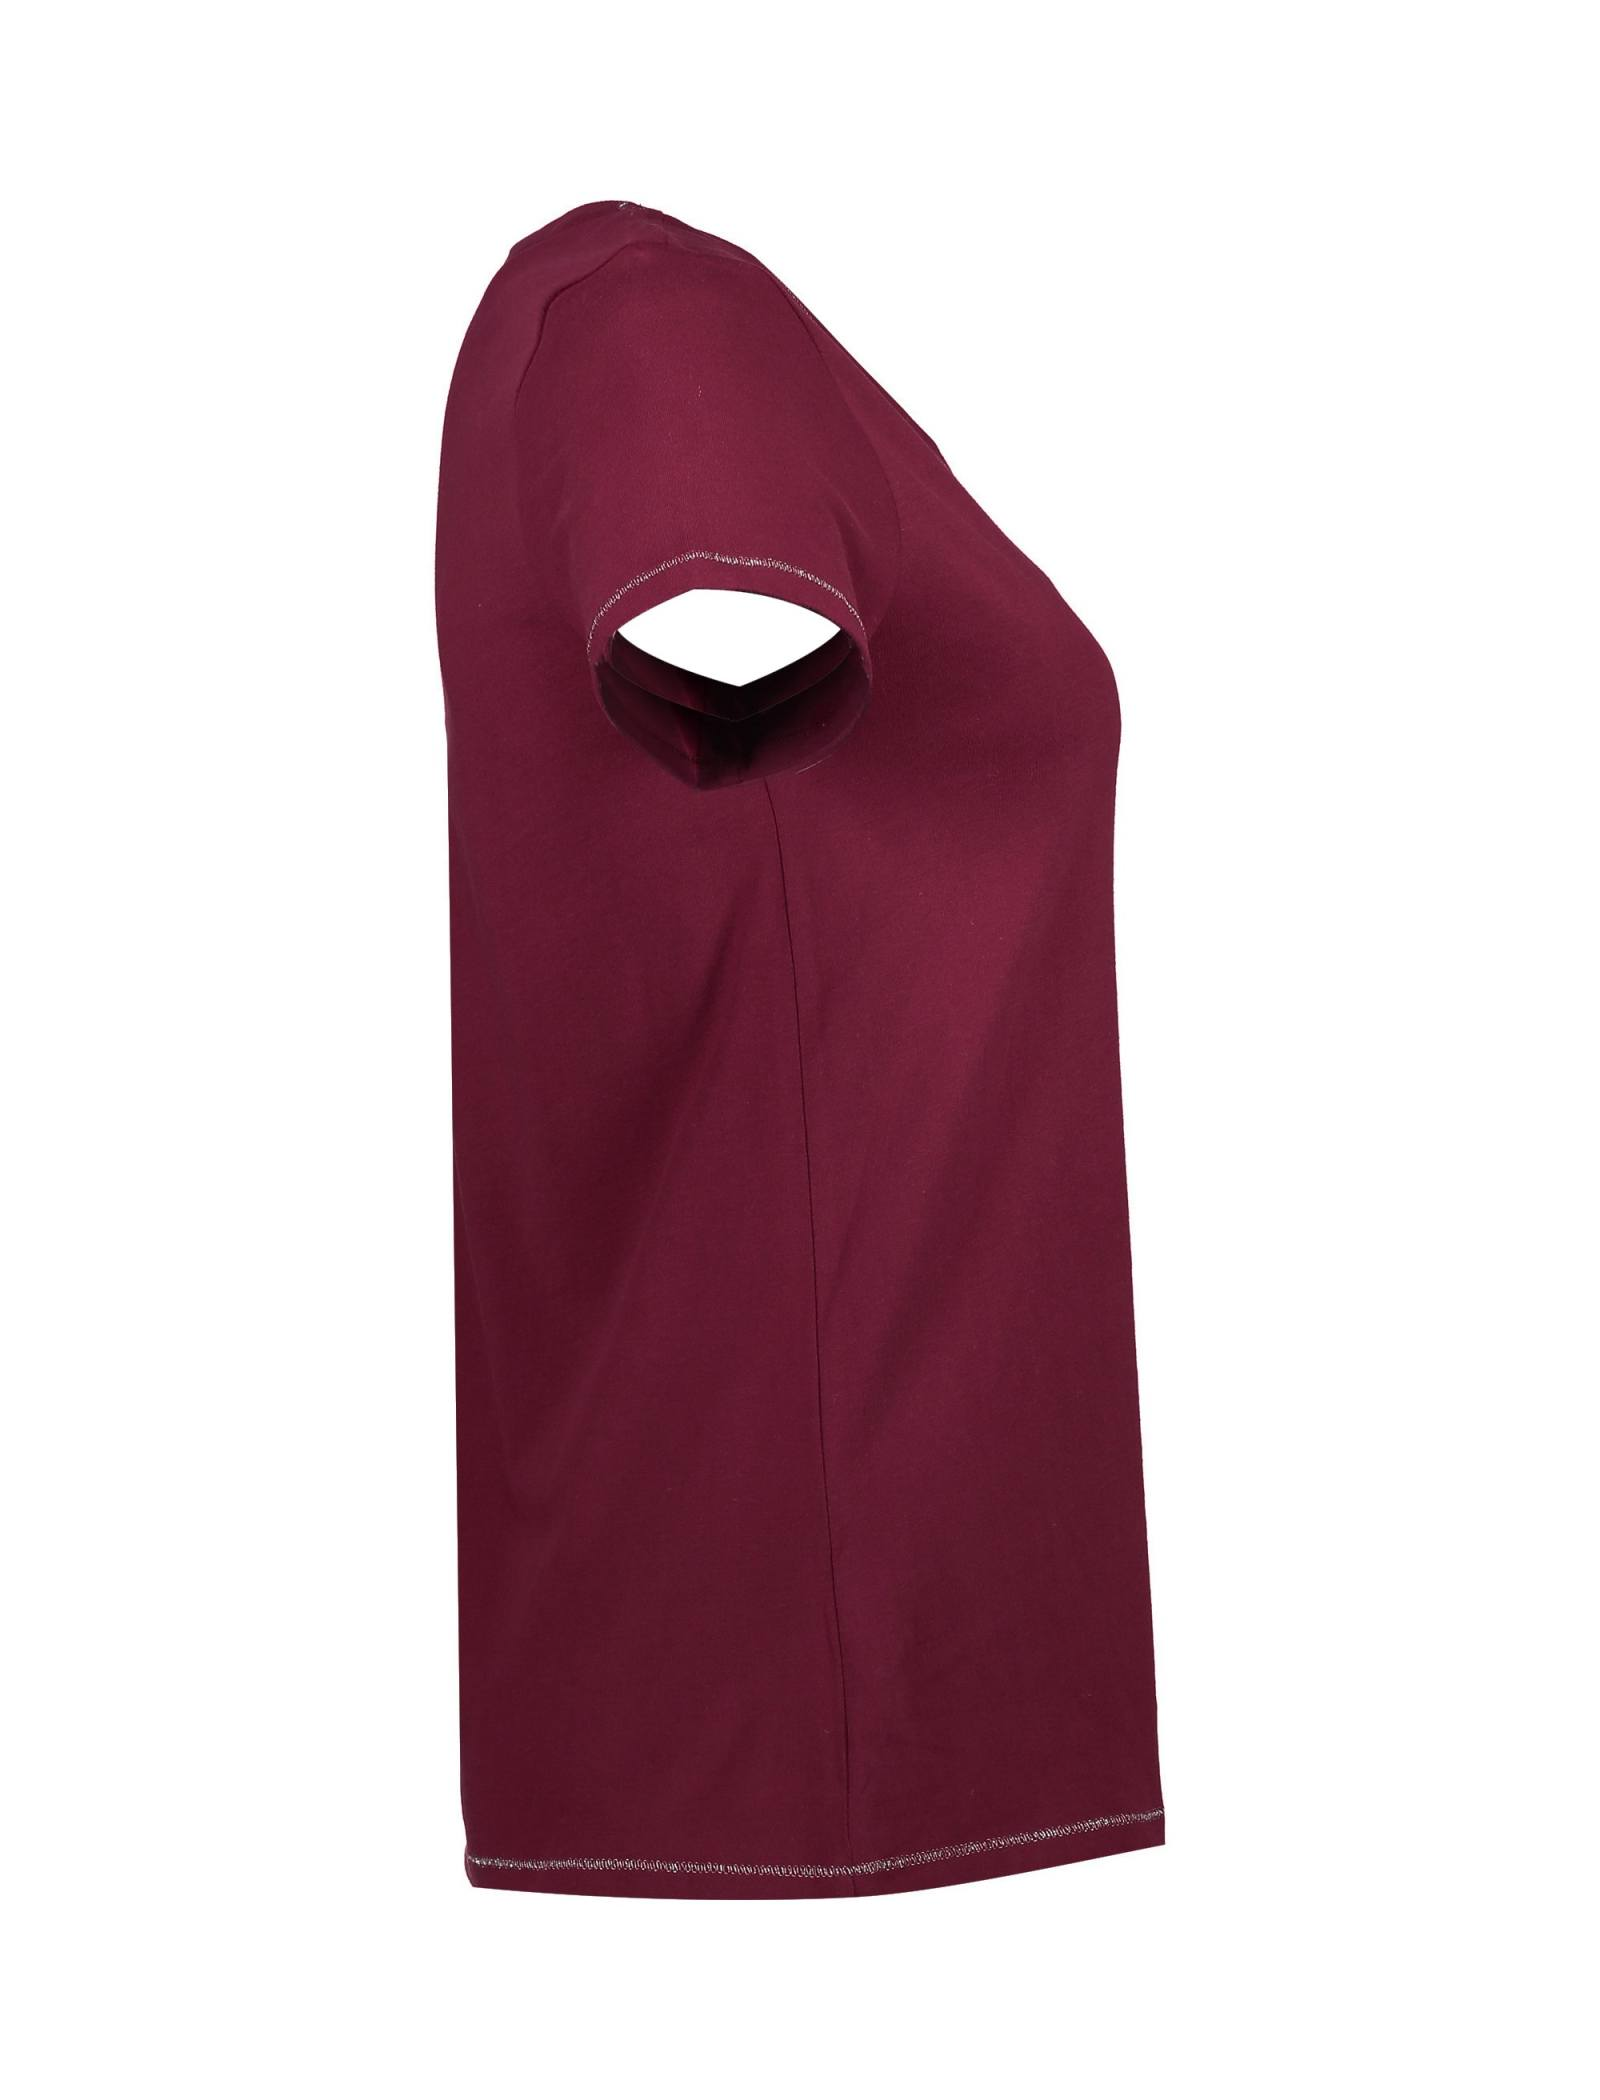 تی شرت و شلوار راحتی نخی زنانه - لانژ اند اسلیپ - قرمز - 4